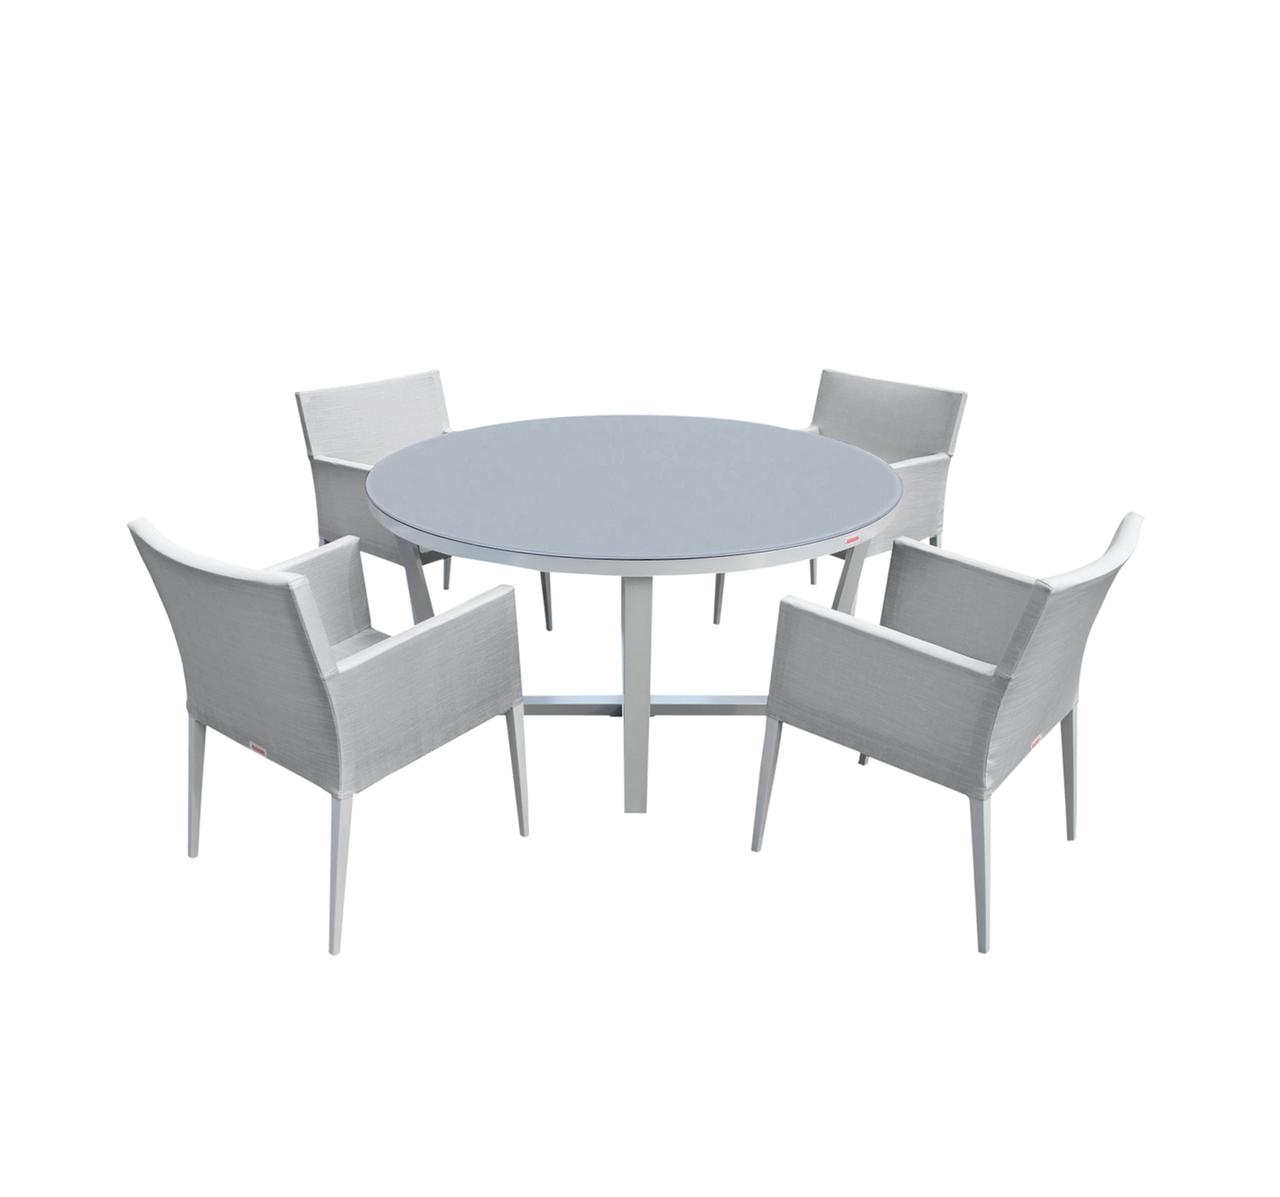 5 Pc Round Dining Table Set I Shop Now I Mangohome